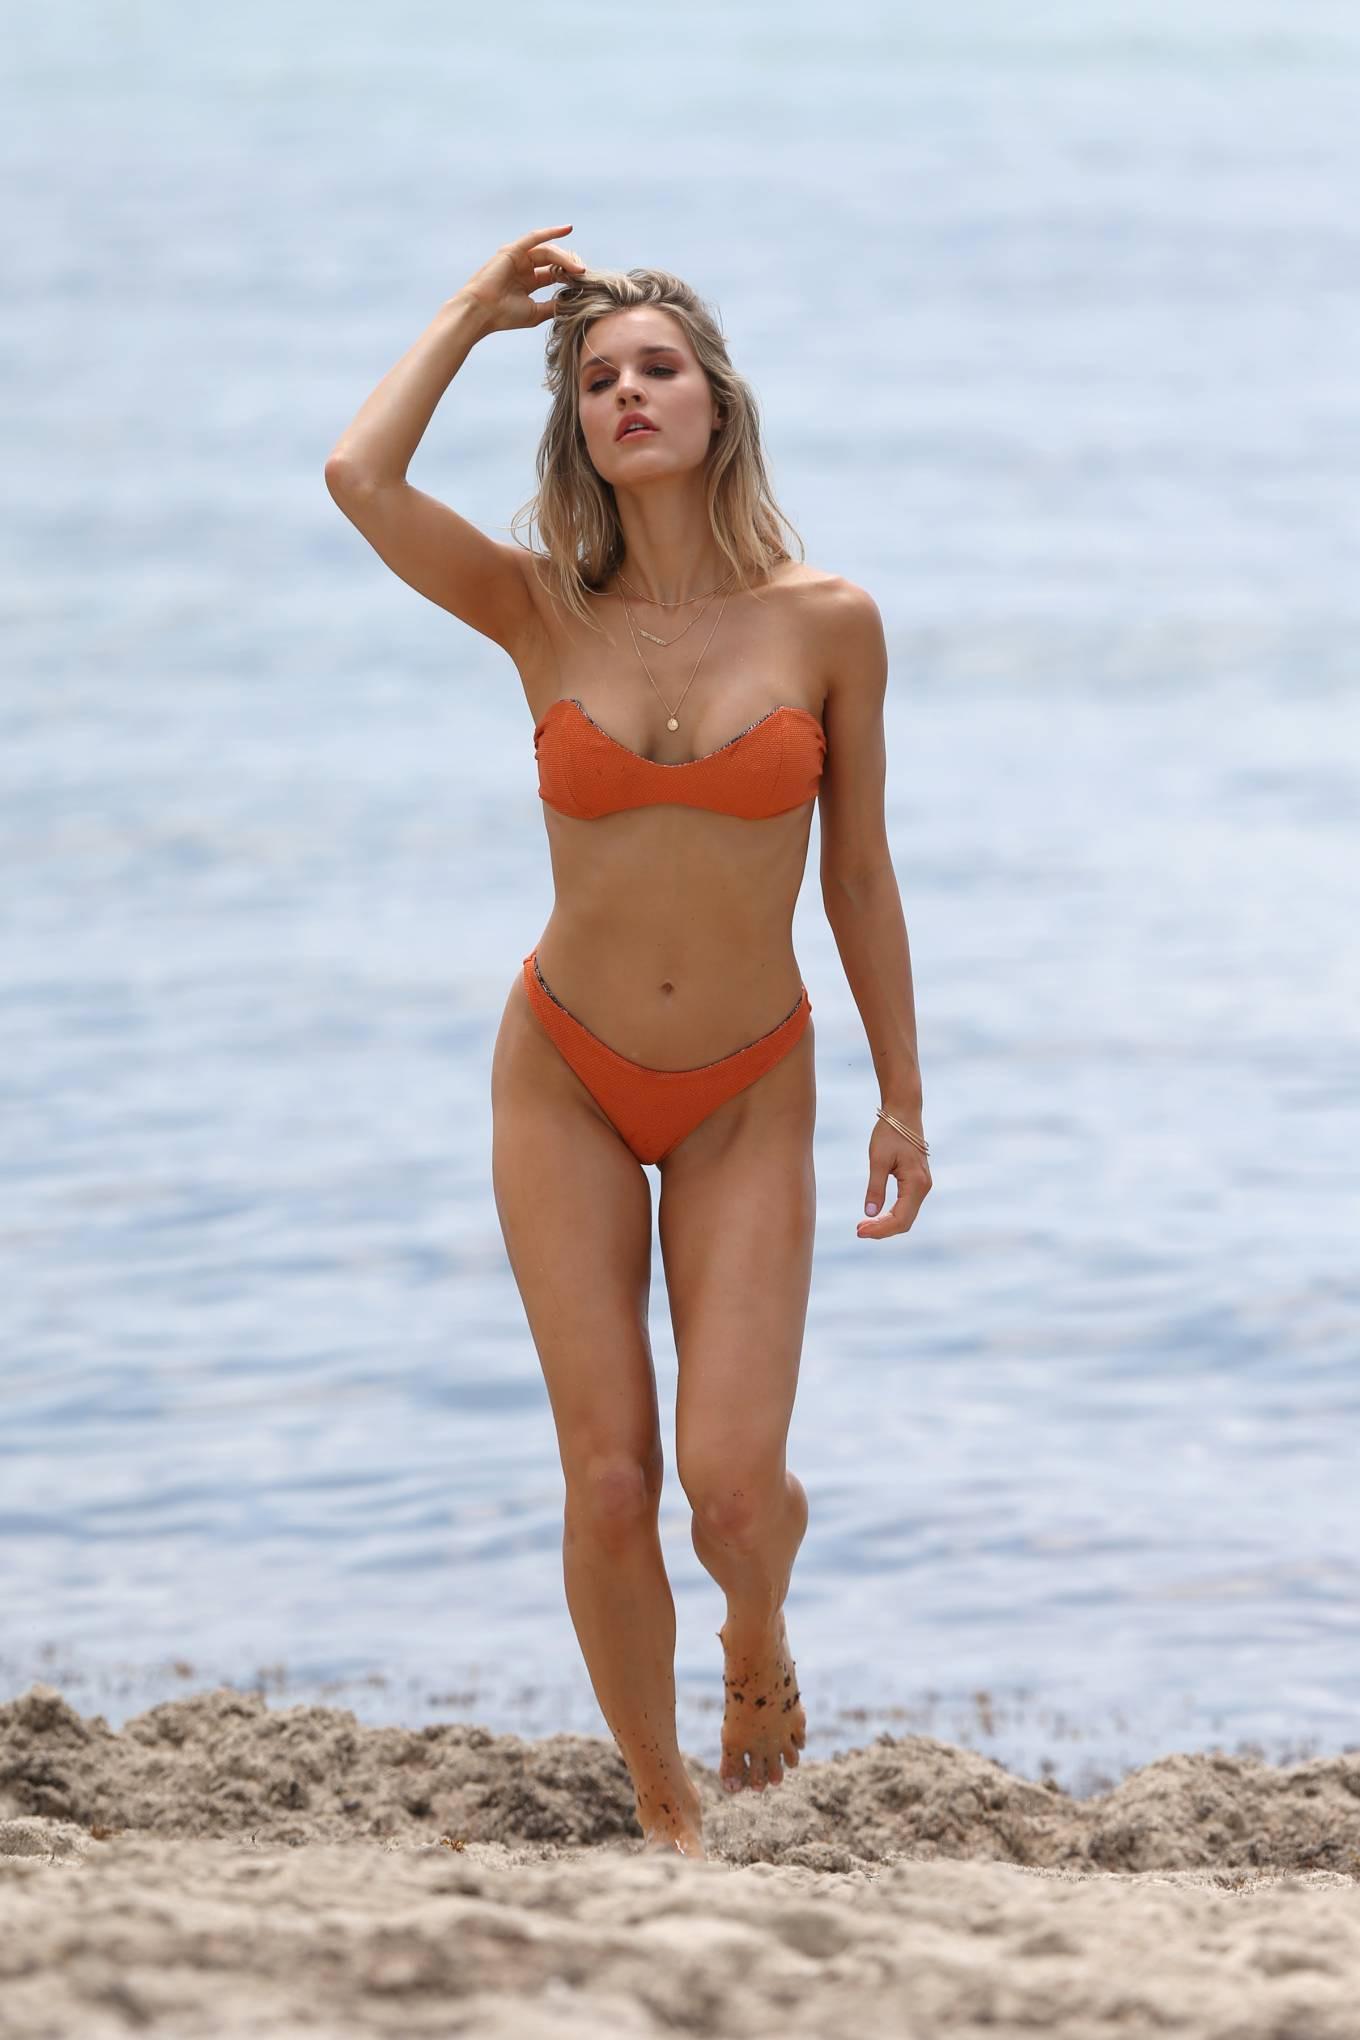 Hậu trường chụp bikini cực nóng bỏng của mẫu 9x Joy Corrigan Ảnh 6